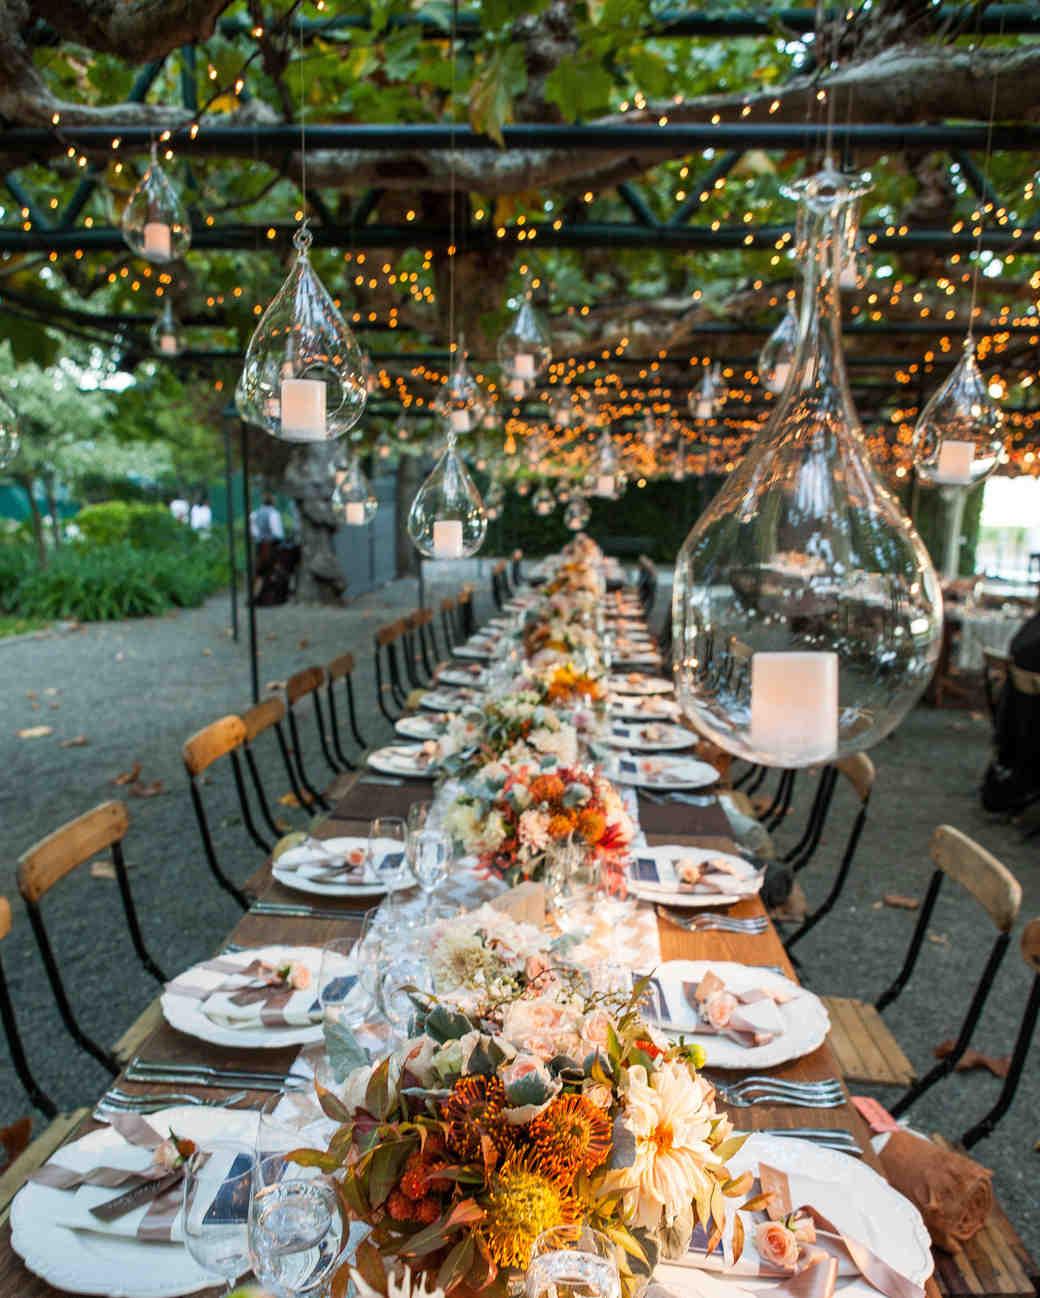 Outdoor wedding lighting ideas Night Lights With Big Bulbs Martha Stewart Weddings Outdoor Wedding Lighting Ideas From Real Celebrations Martha